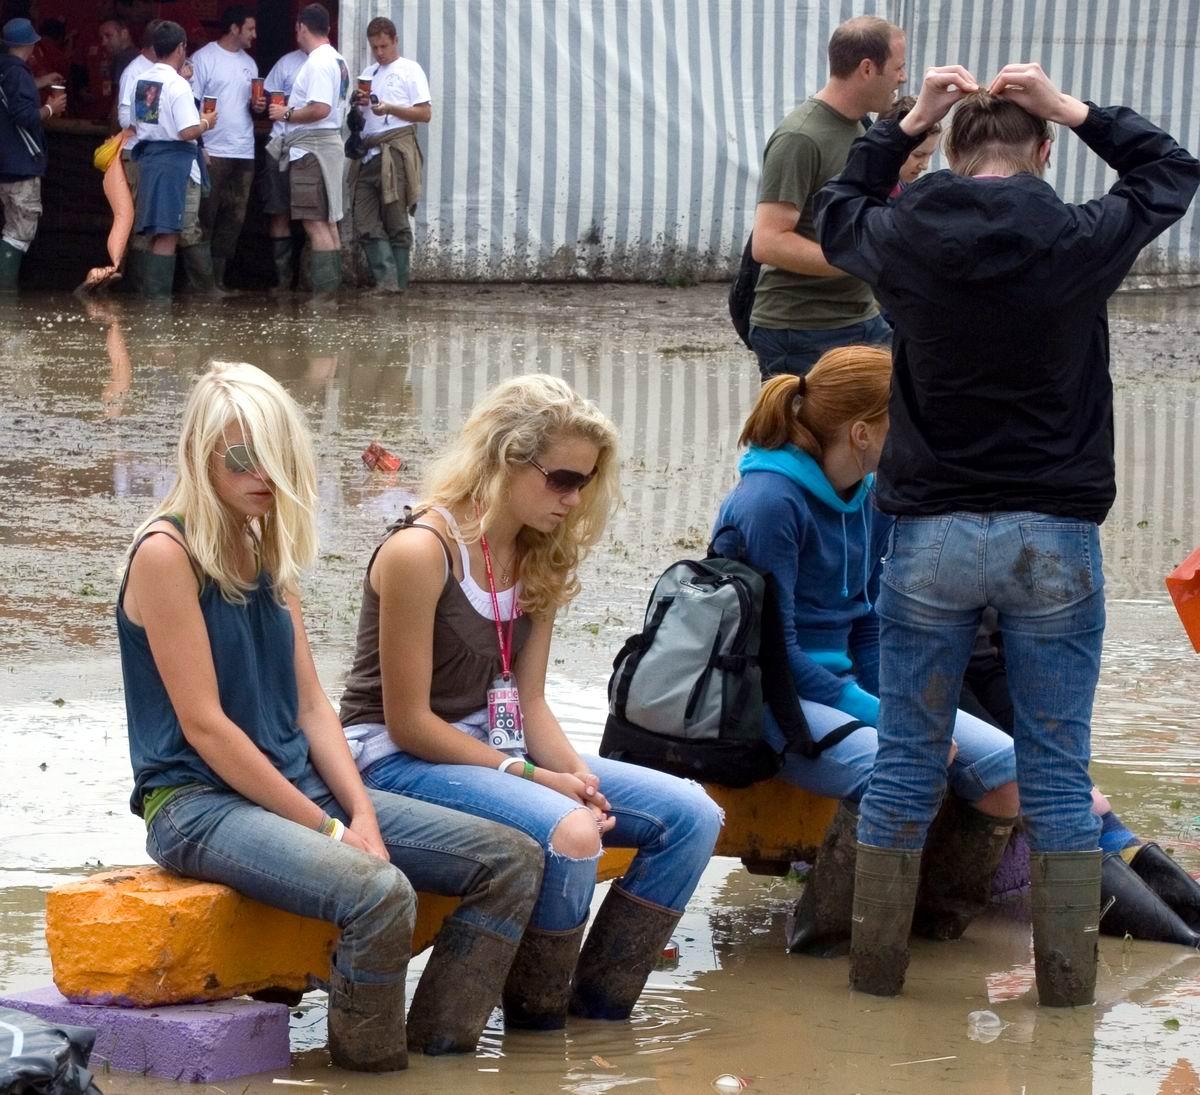 Сидят девчонки, грустят в сторонке: По колено в грязной жиже